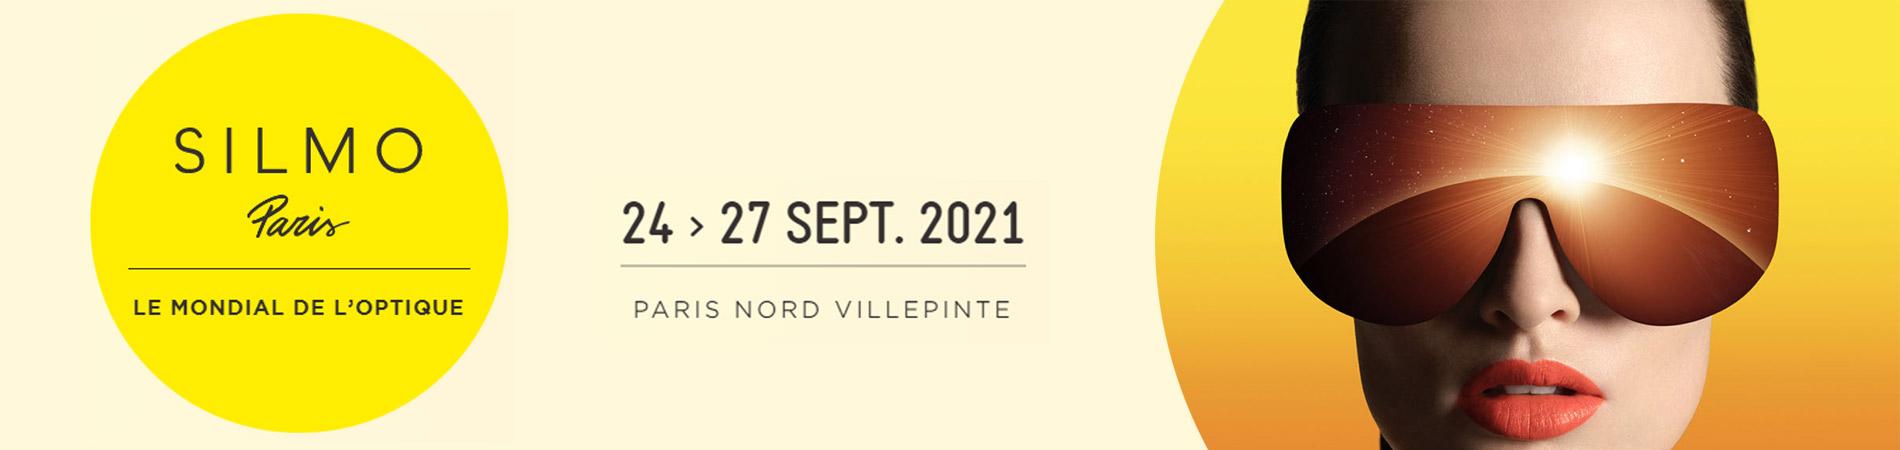 Retrouvez-nous au SILMO 2021